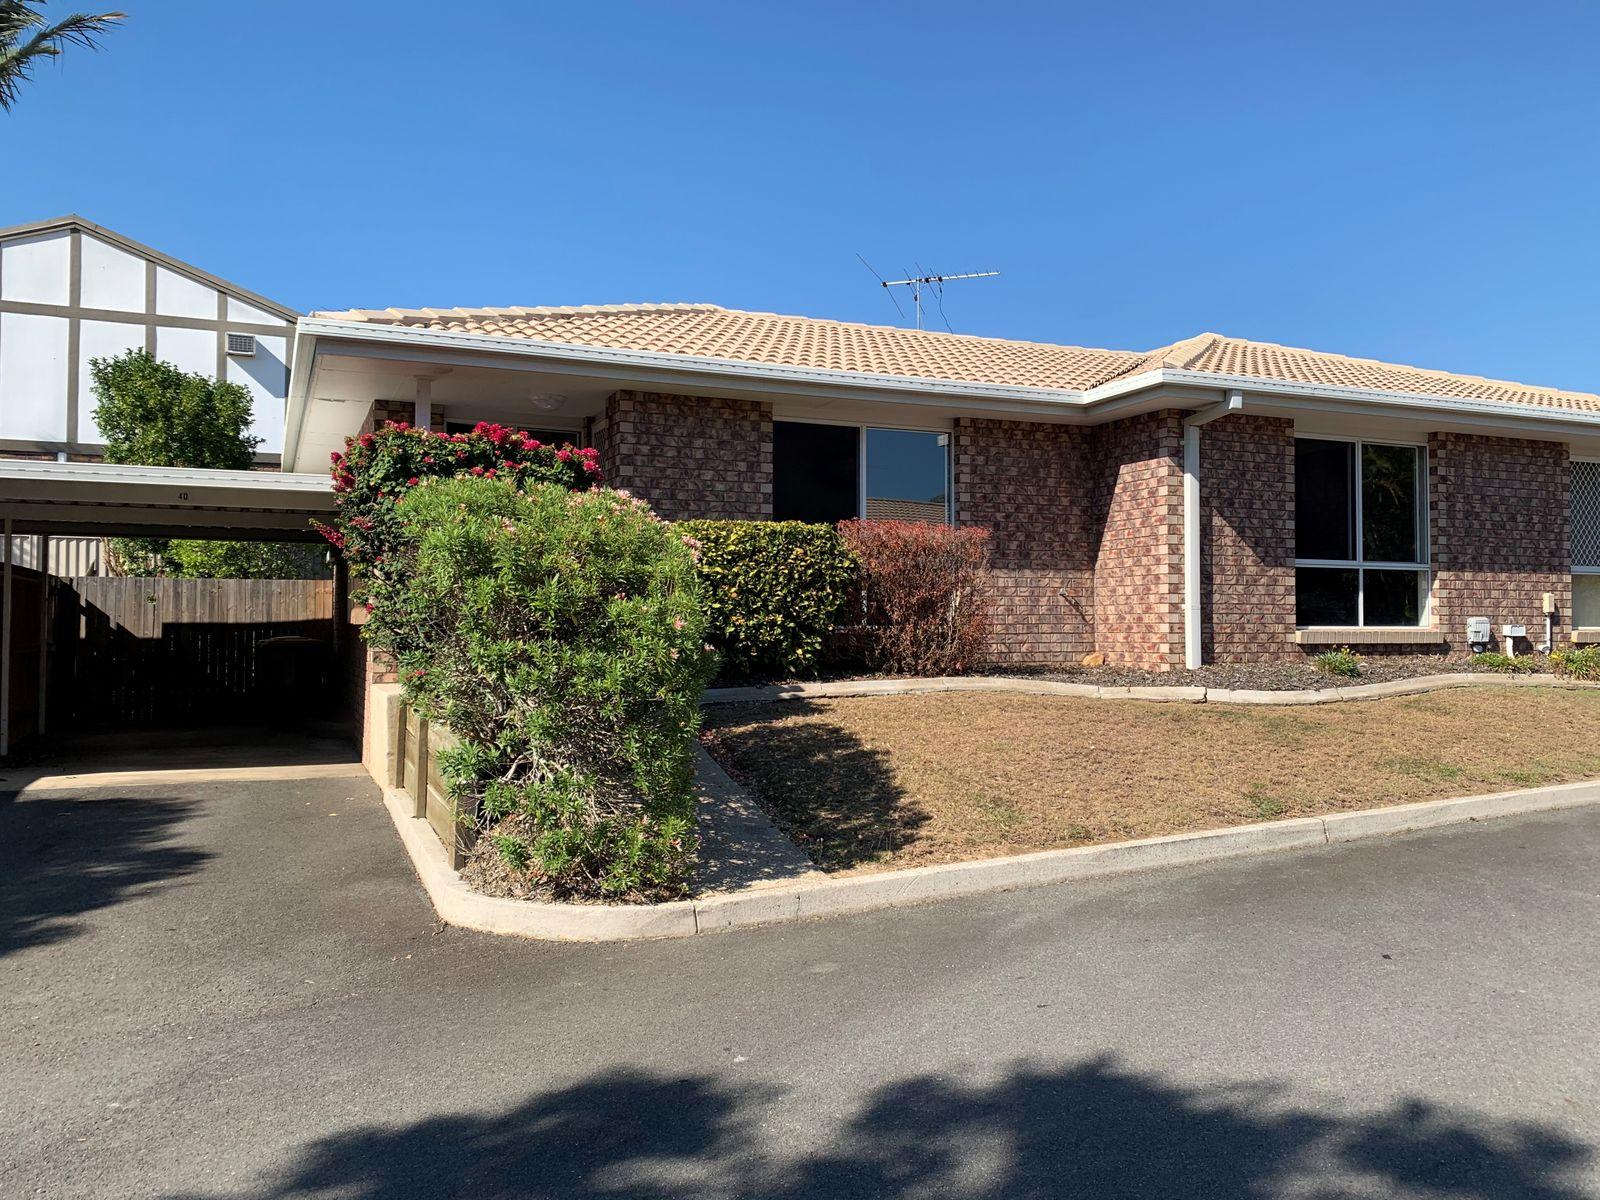 40/26 Argonaut Street, Slacks Creek, QLD 4127